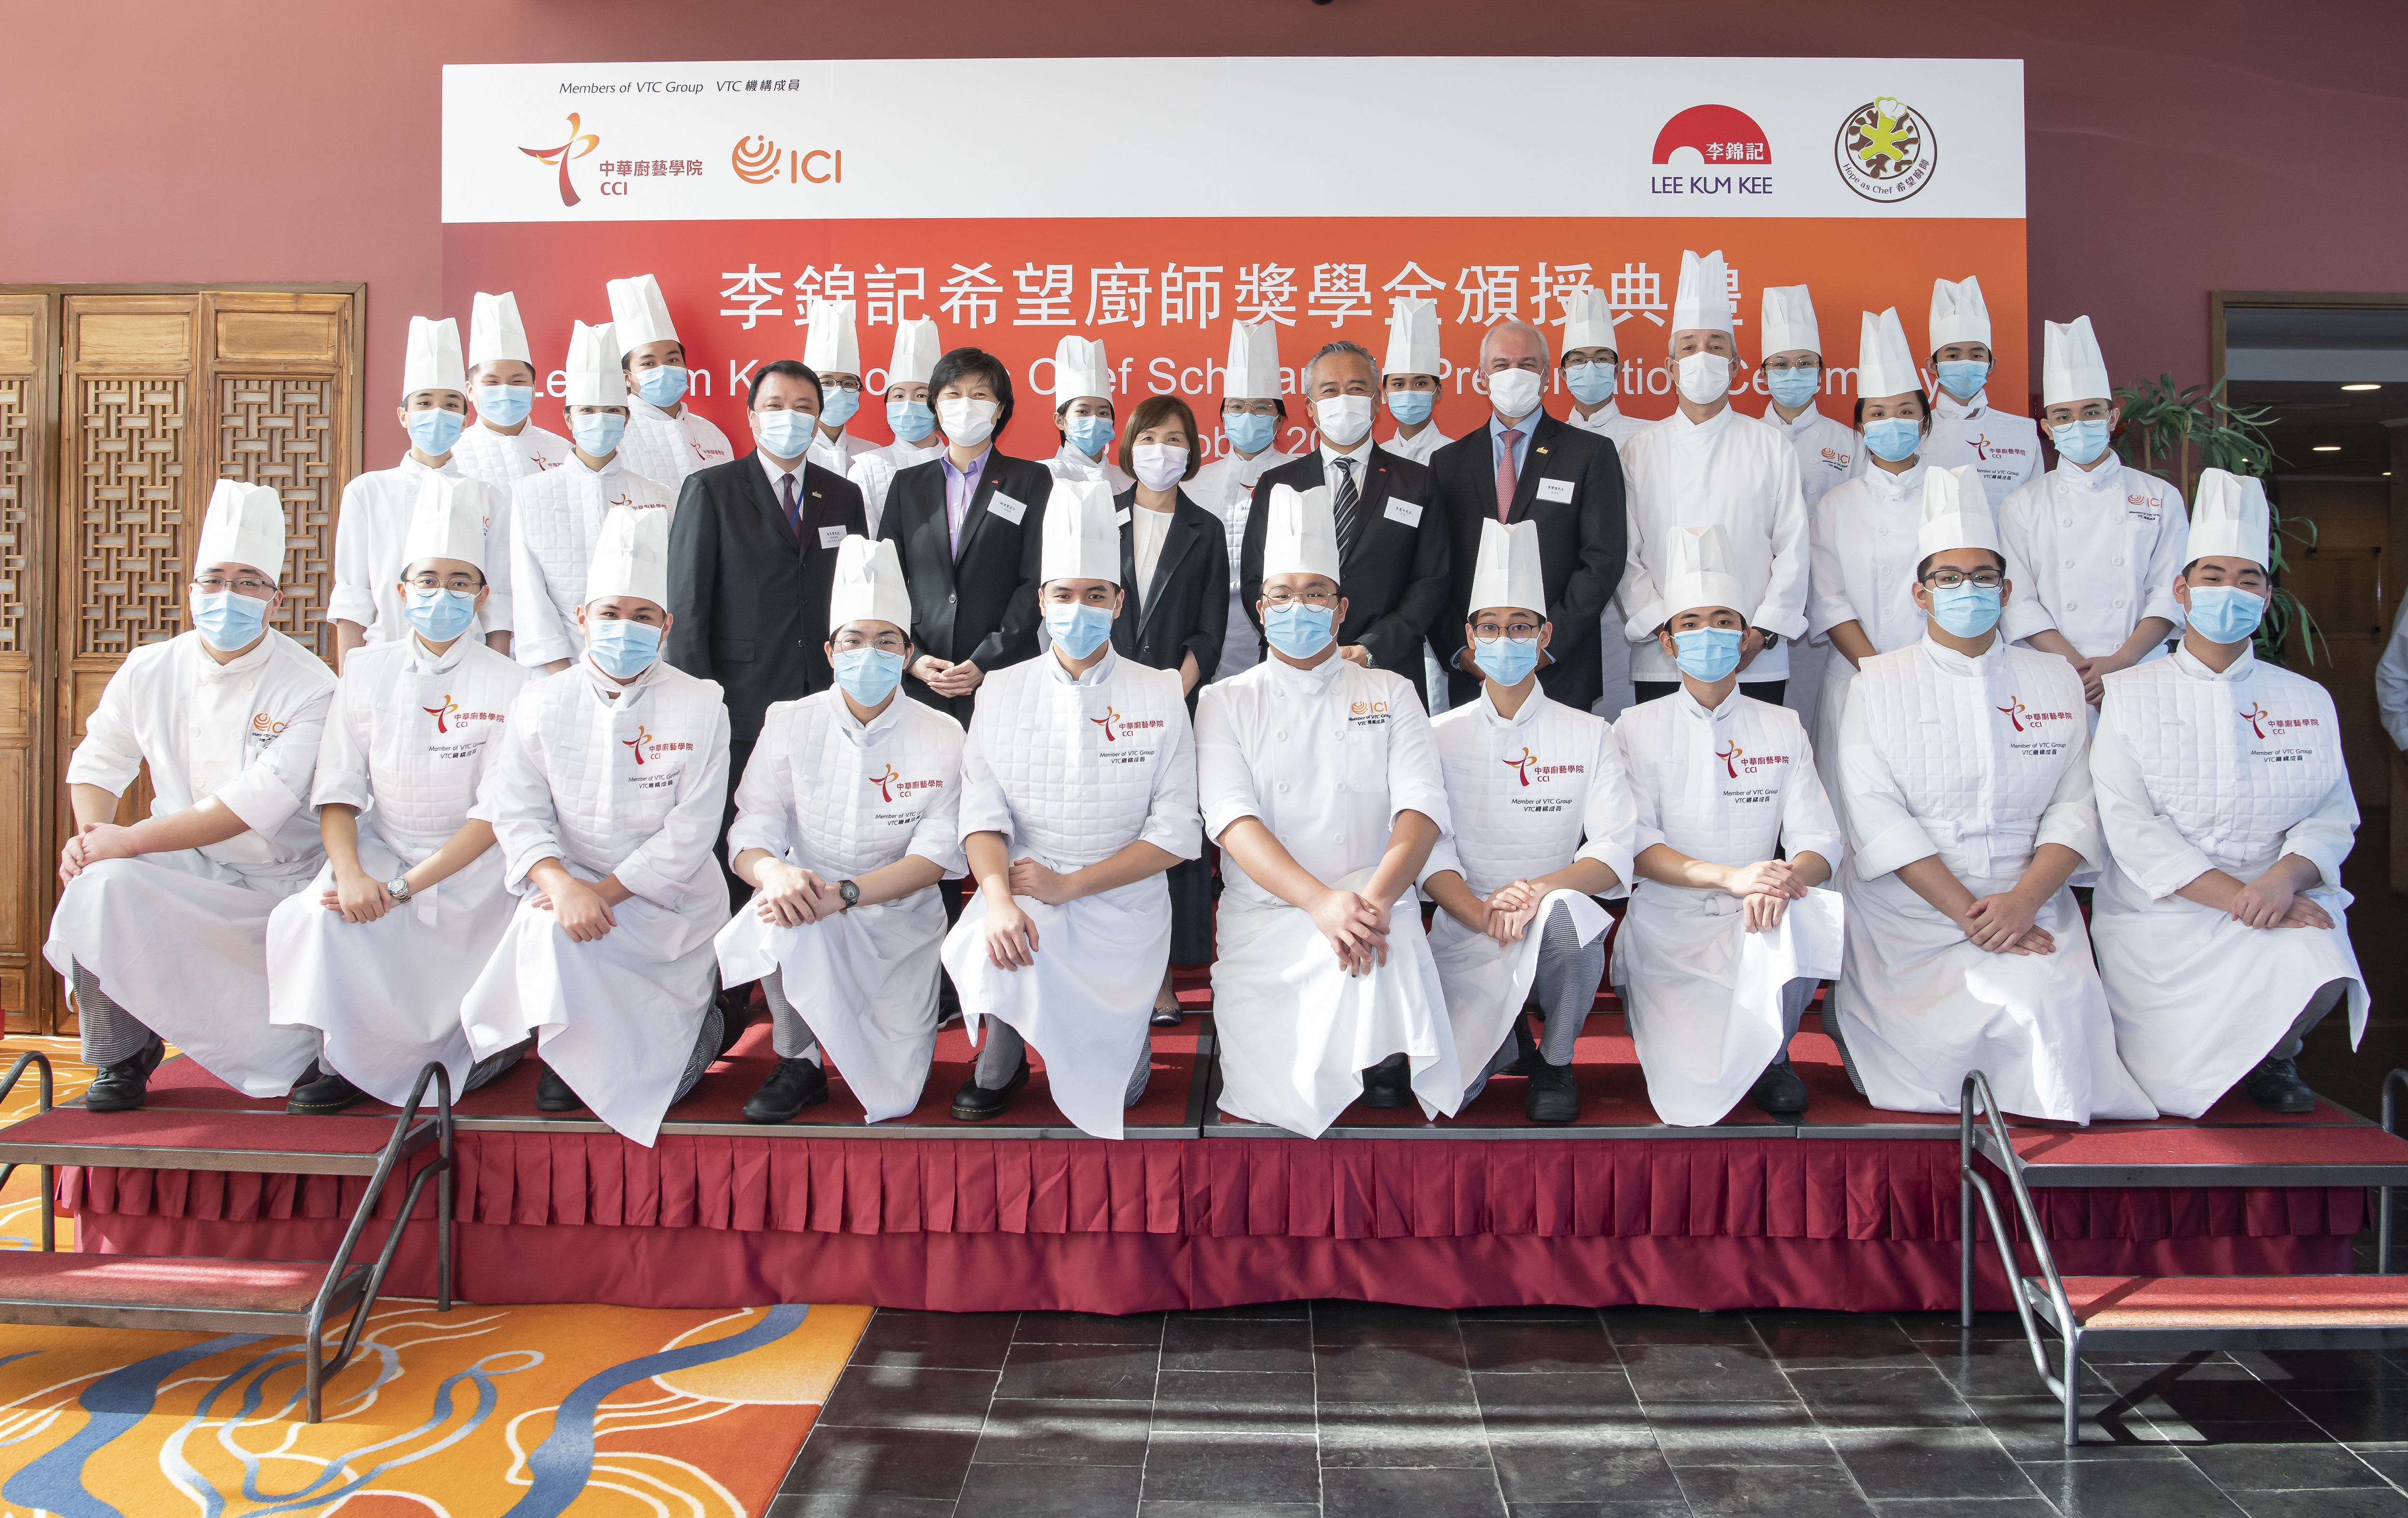 李錦記頒發希望廚師獎學金予 中華廚藝學院及國際廚藝學院畢業生及學員